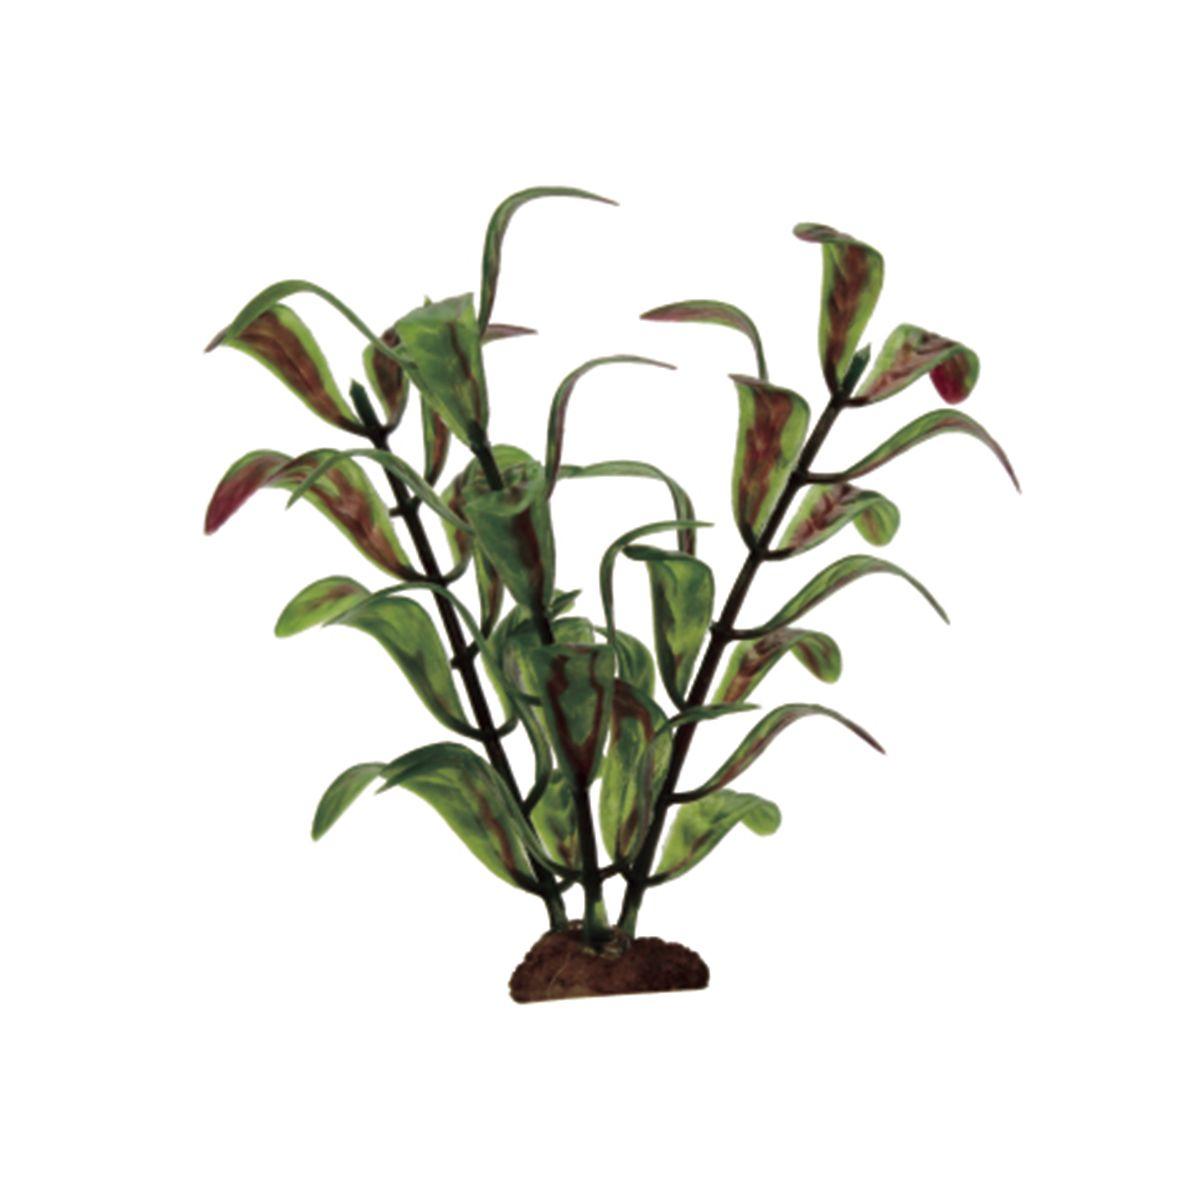 Растение для аквариума ArtUniq Гигрофила индийская, высота 10 см, 6 штART-1170527Растение для аквариума ArtUniq Гигрофила индийская, высота 10 см, 6 шт